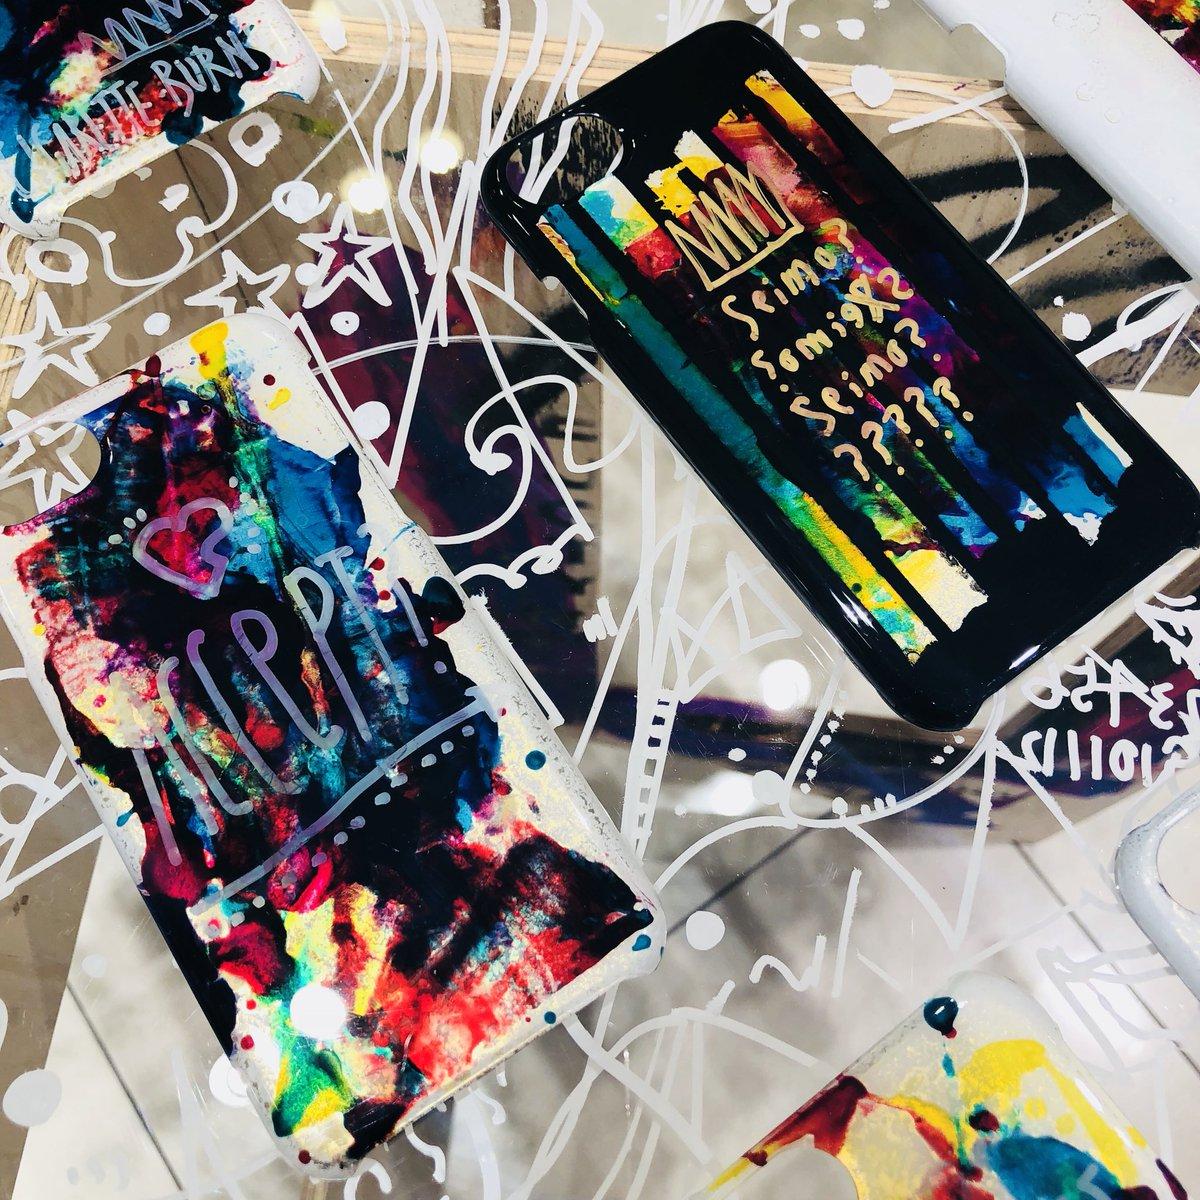 画家、デザイナー、イラストレーター、ペインターと福岡を拠点に様々な活動をしているアーティストMaruの活動の総称 {Cigarette-burns} オンリーショップ福岡PARCOに初登場!(〜12/31) @本館1F 特設会場